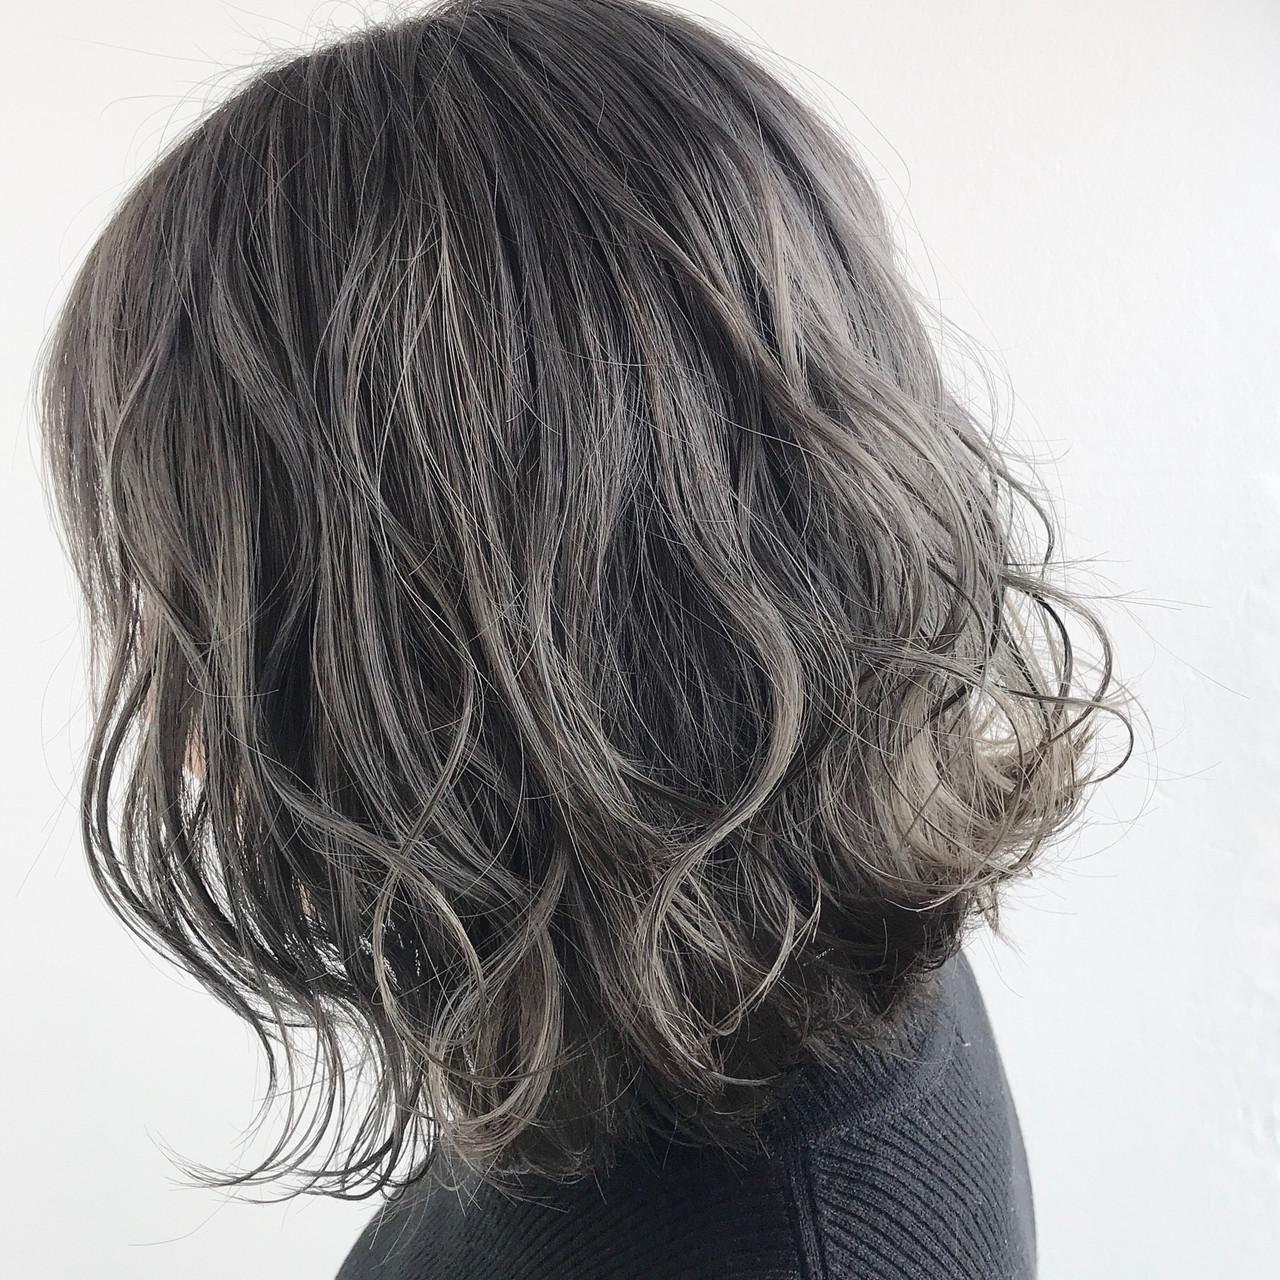 グレーアッシュ ダークグレー グレー モード ヘアスタイルや髪型の写真・画像